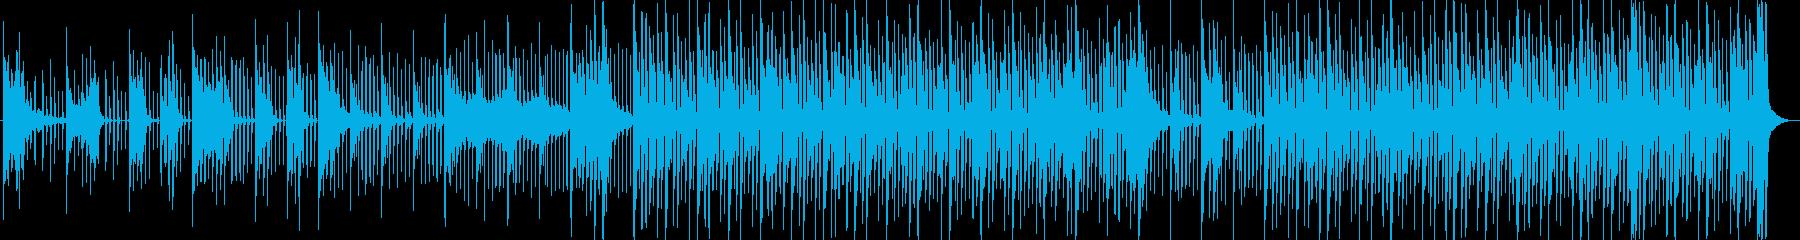 【アニメ】悪玉の作戦会議など怪しい情景の再生済みの波形